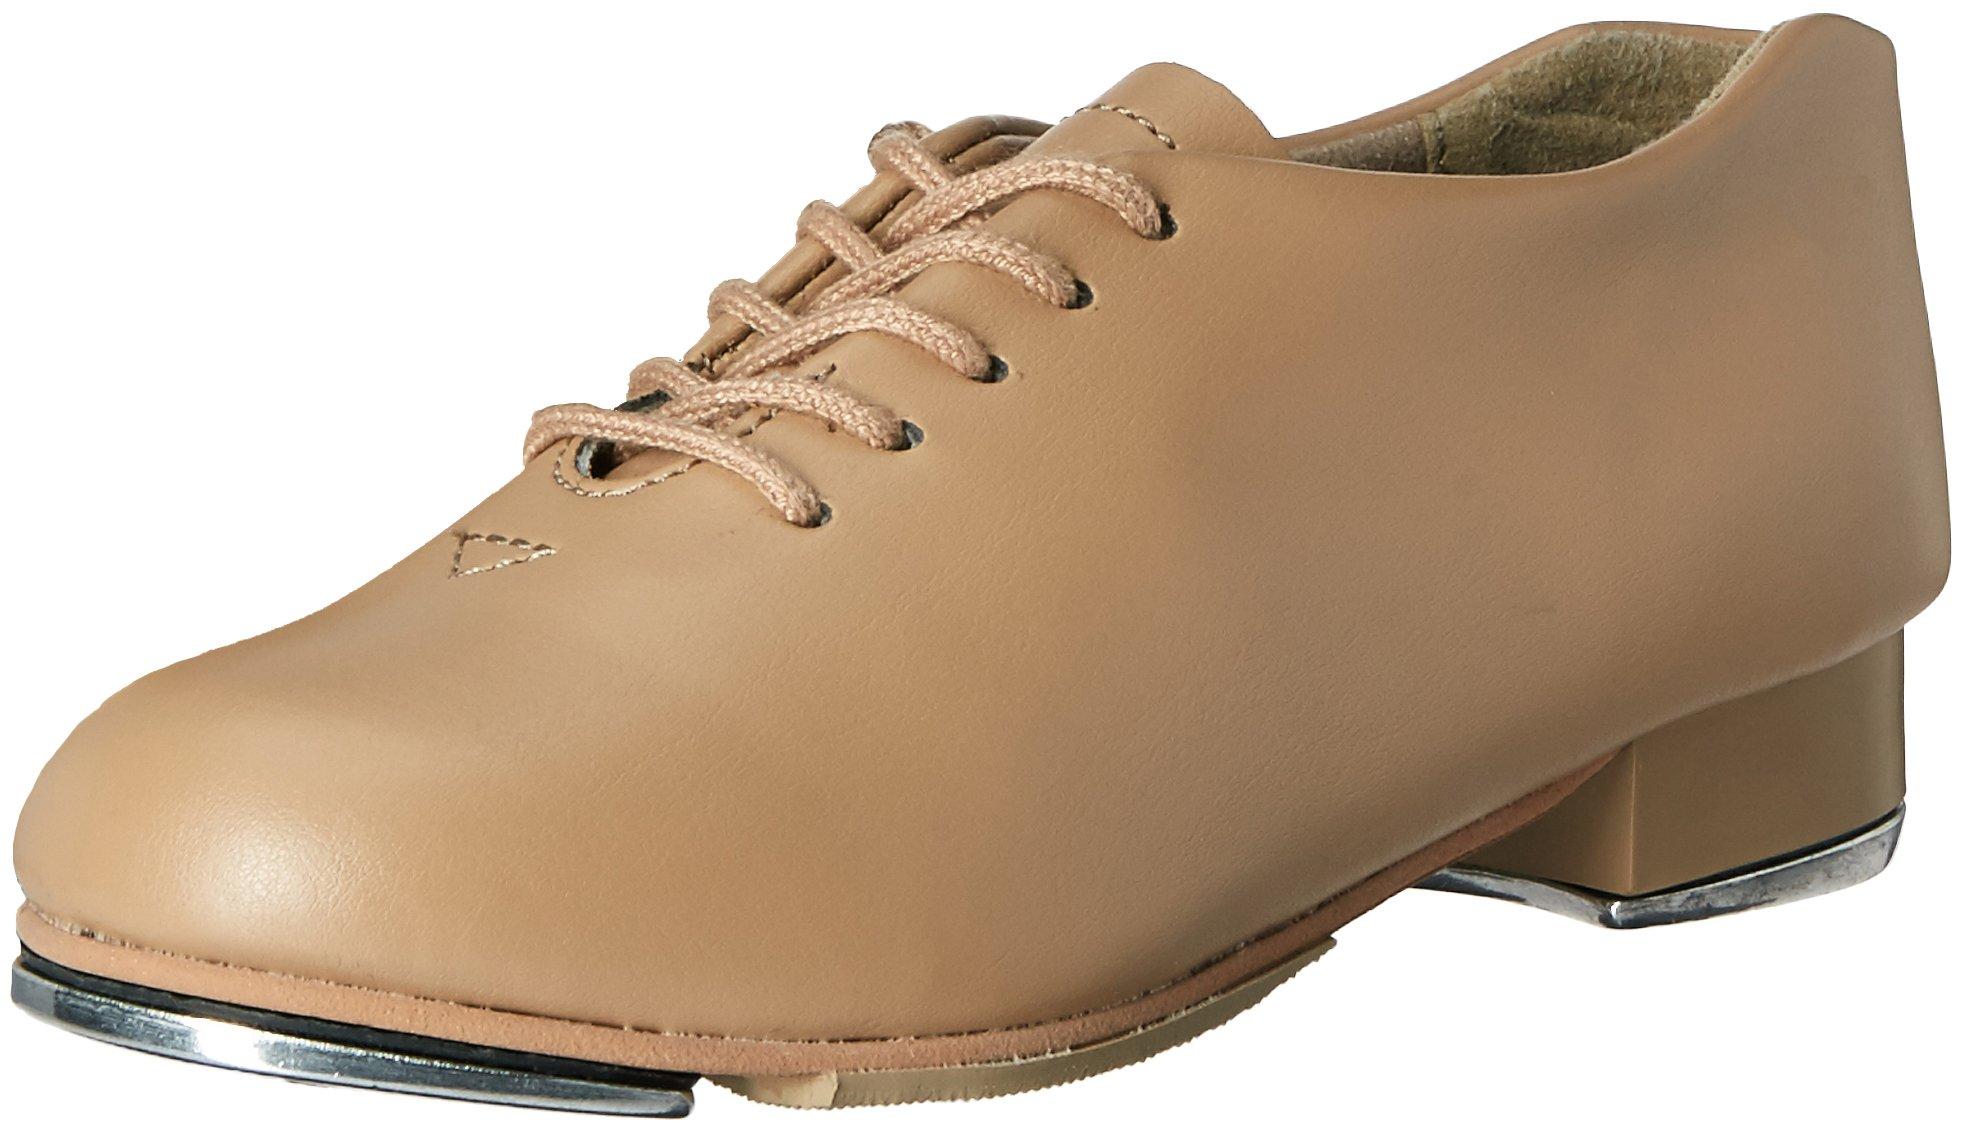 Capezio Girls' TIC TAP Toe Ballet Shoe, Carmel, 2 W US Little Kid by Capezio